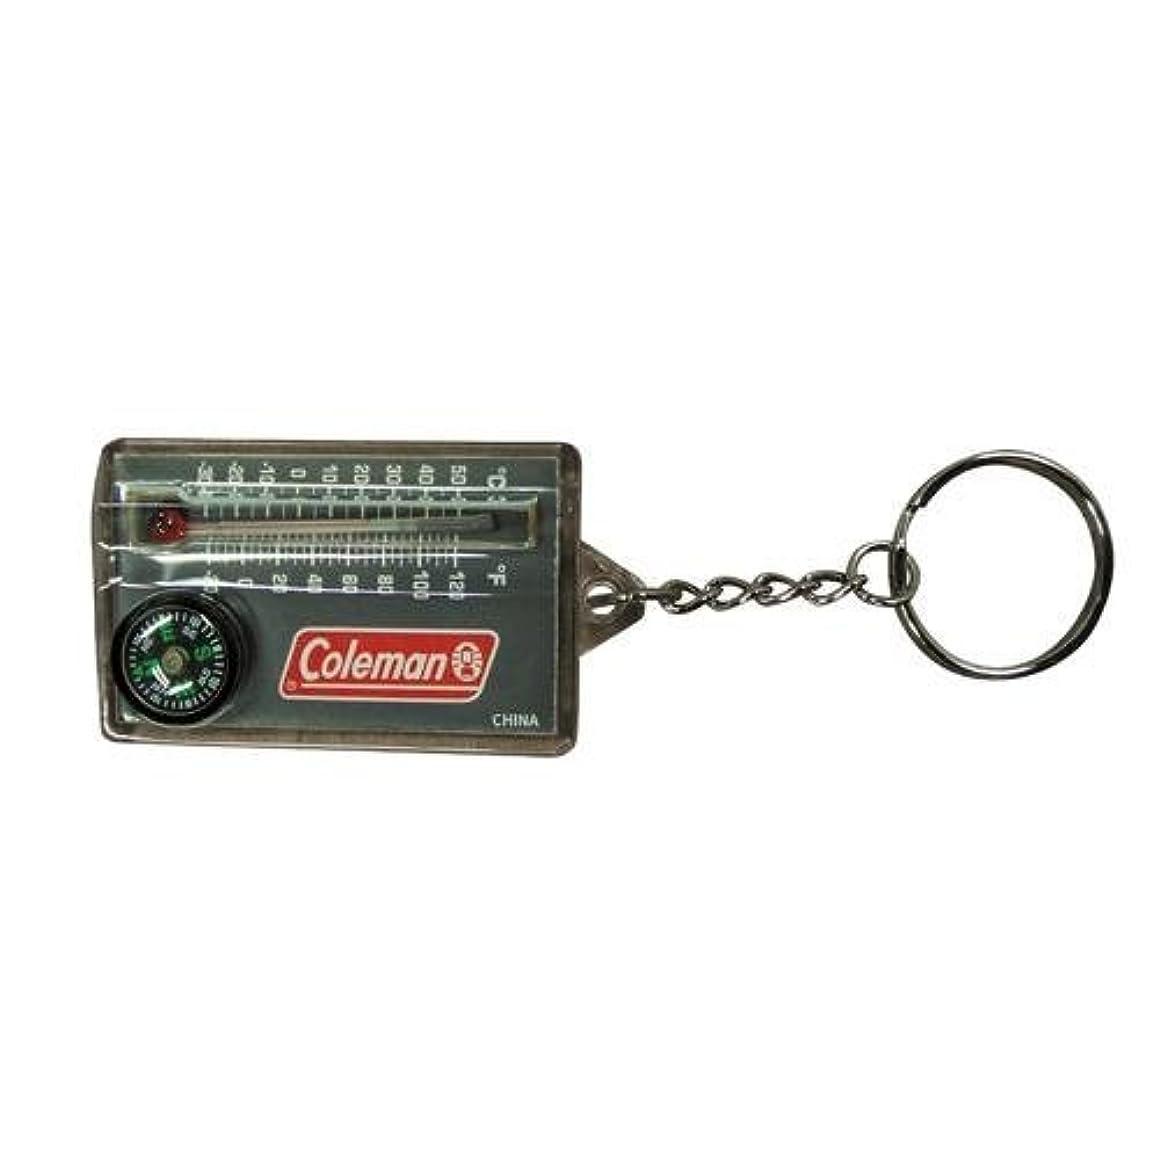 強盗時間動機付けるコールマン キーホルダー型 温度計&コンパス  日本未発売